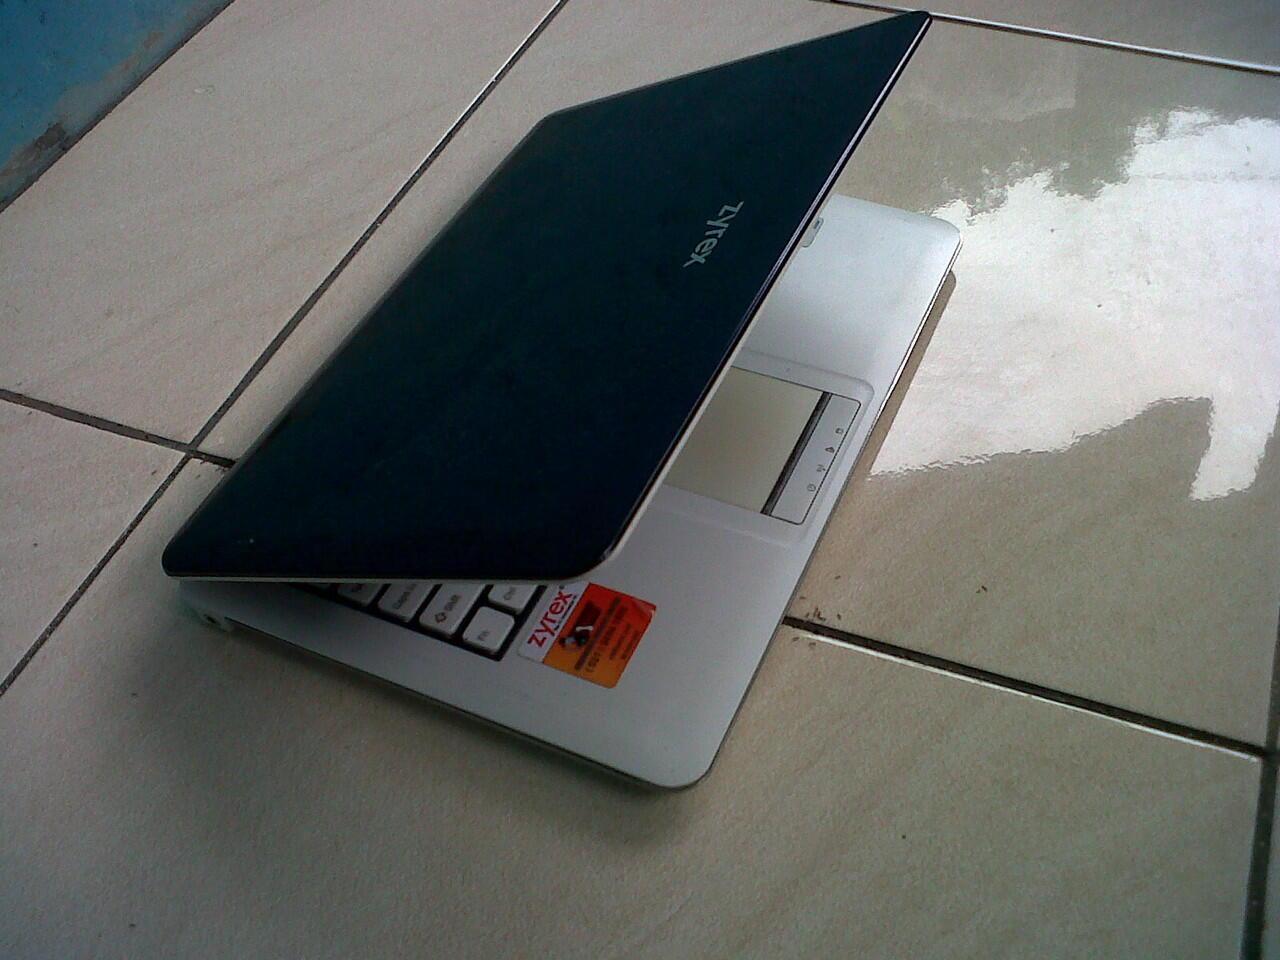 Terima beli laptop/netbook second kondisi masih bagus